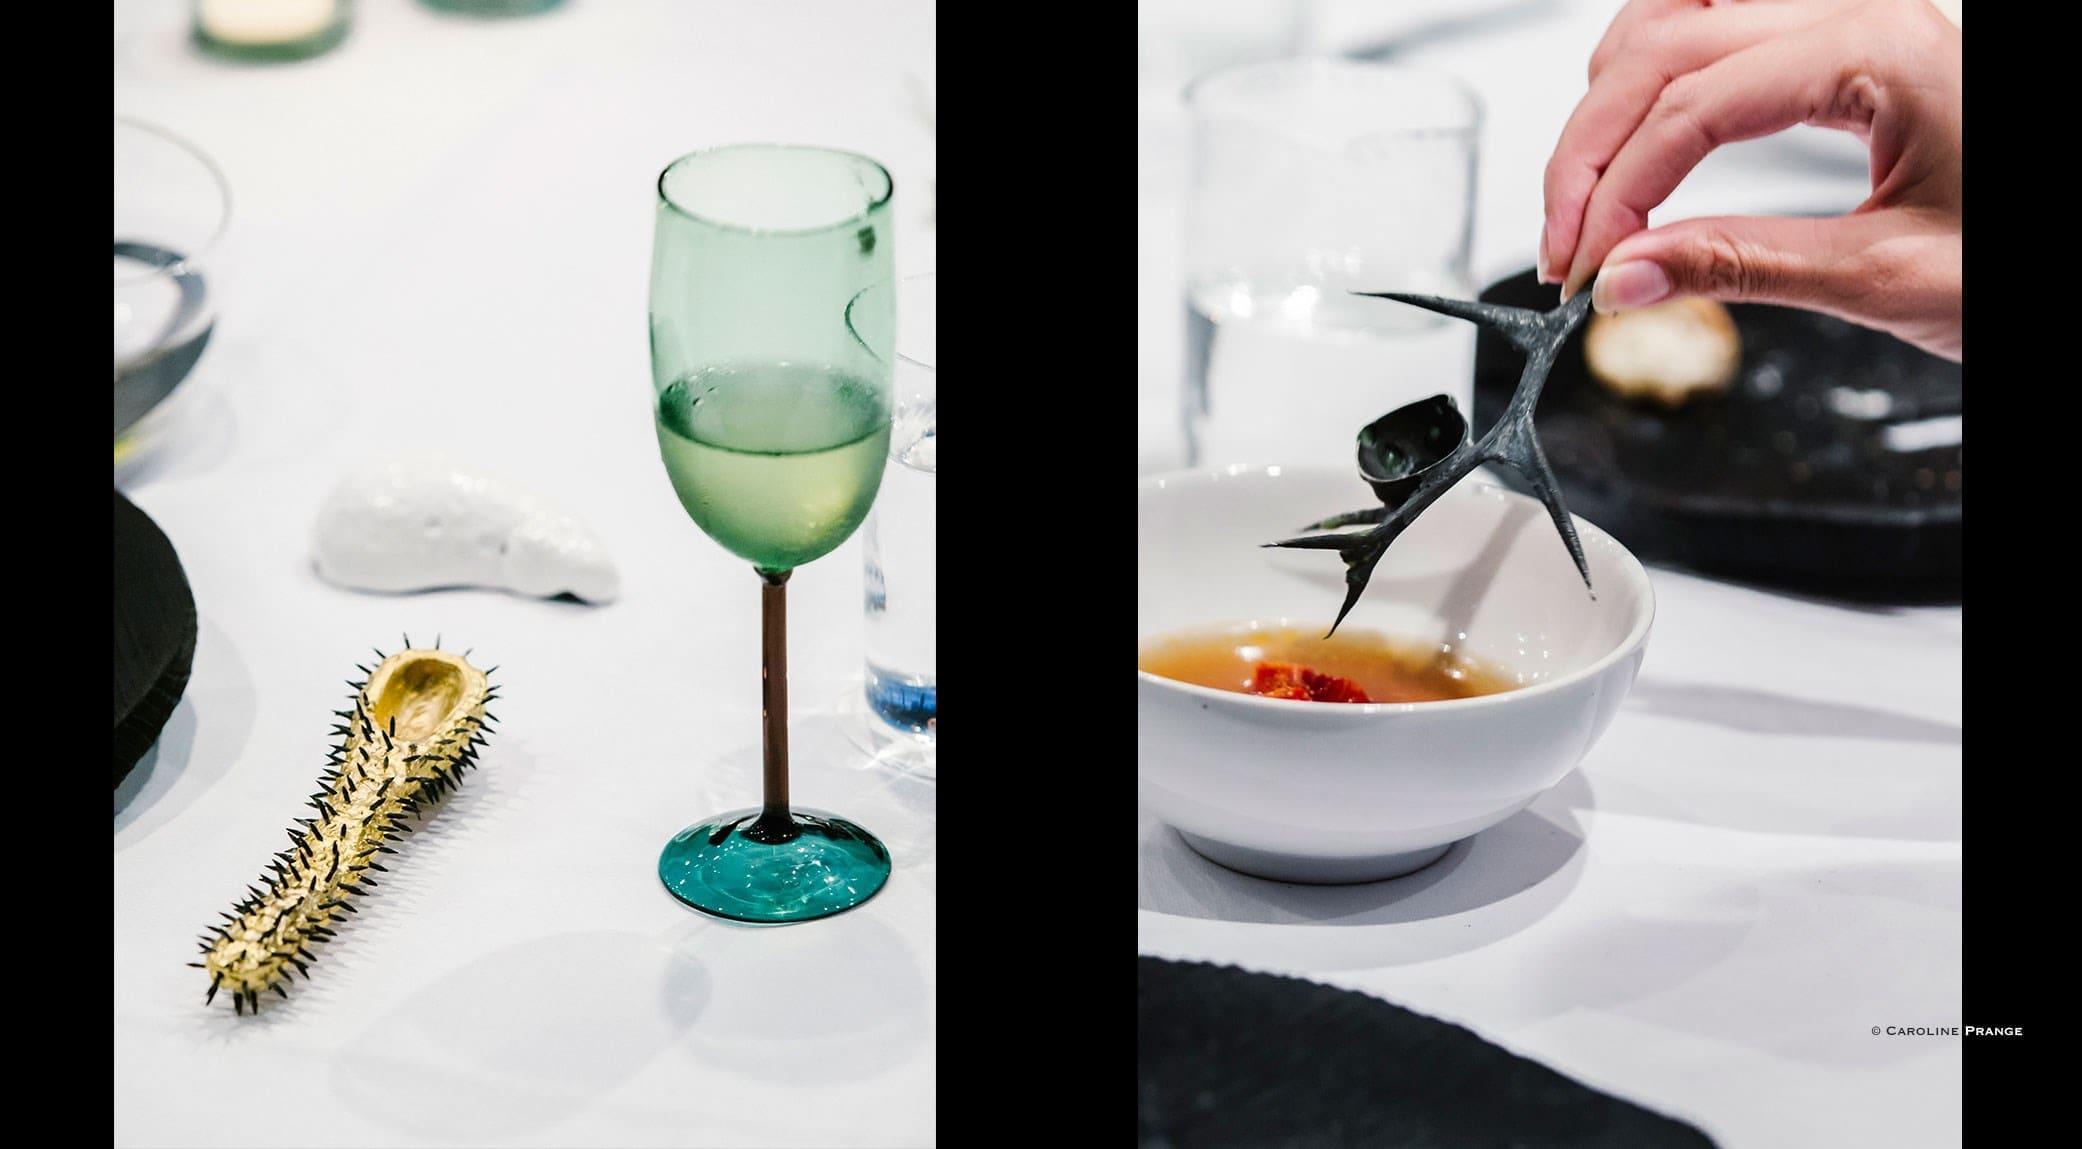 original_Steinbeisser-Experimental-Gastronomy-3.jpg